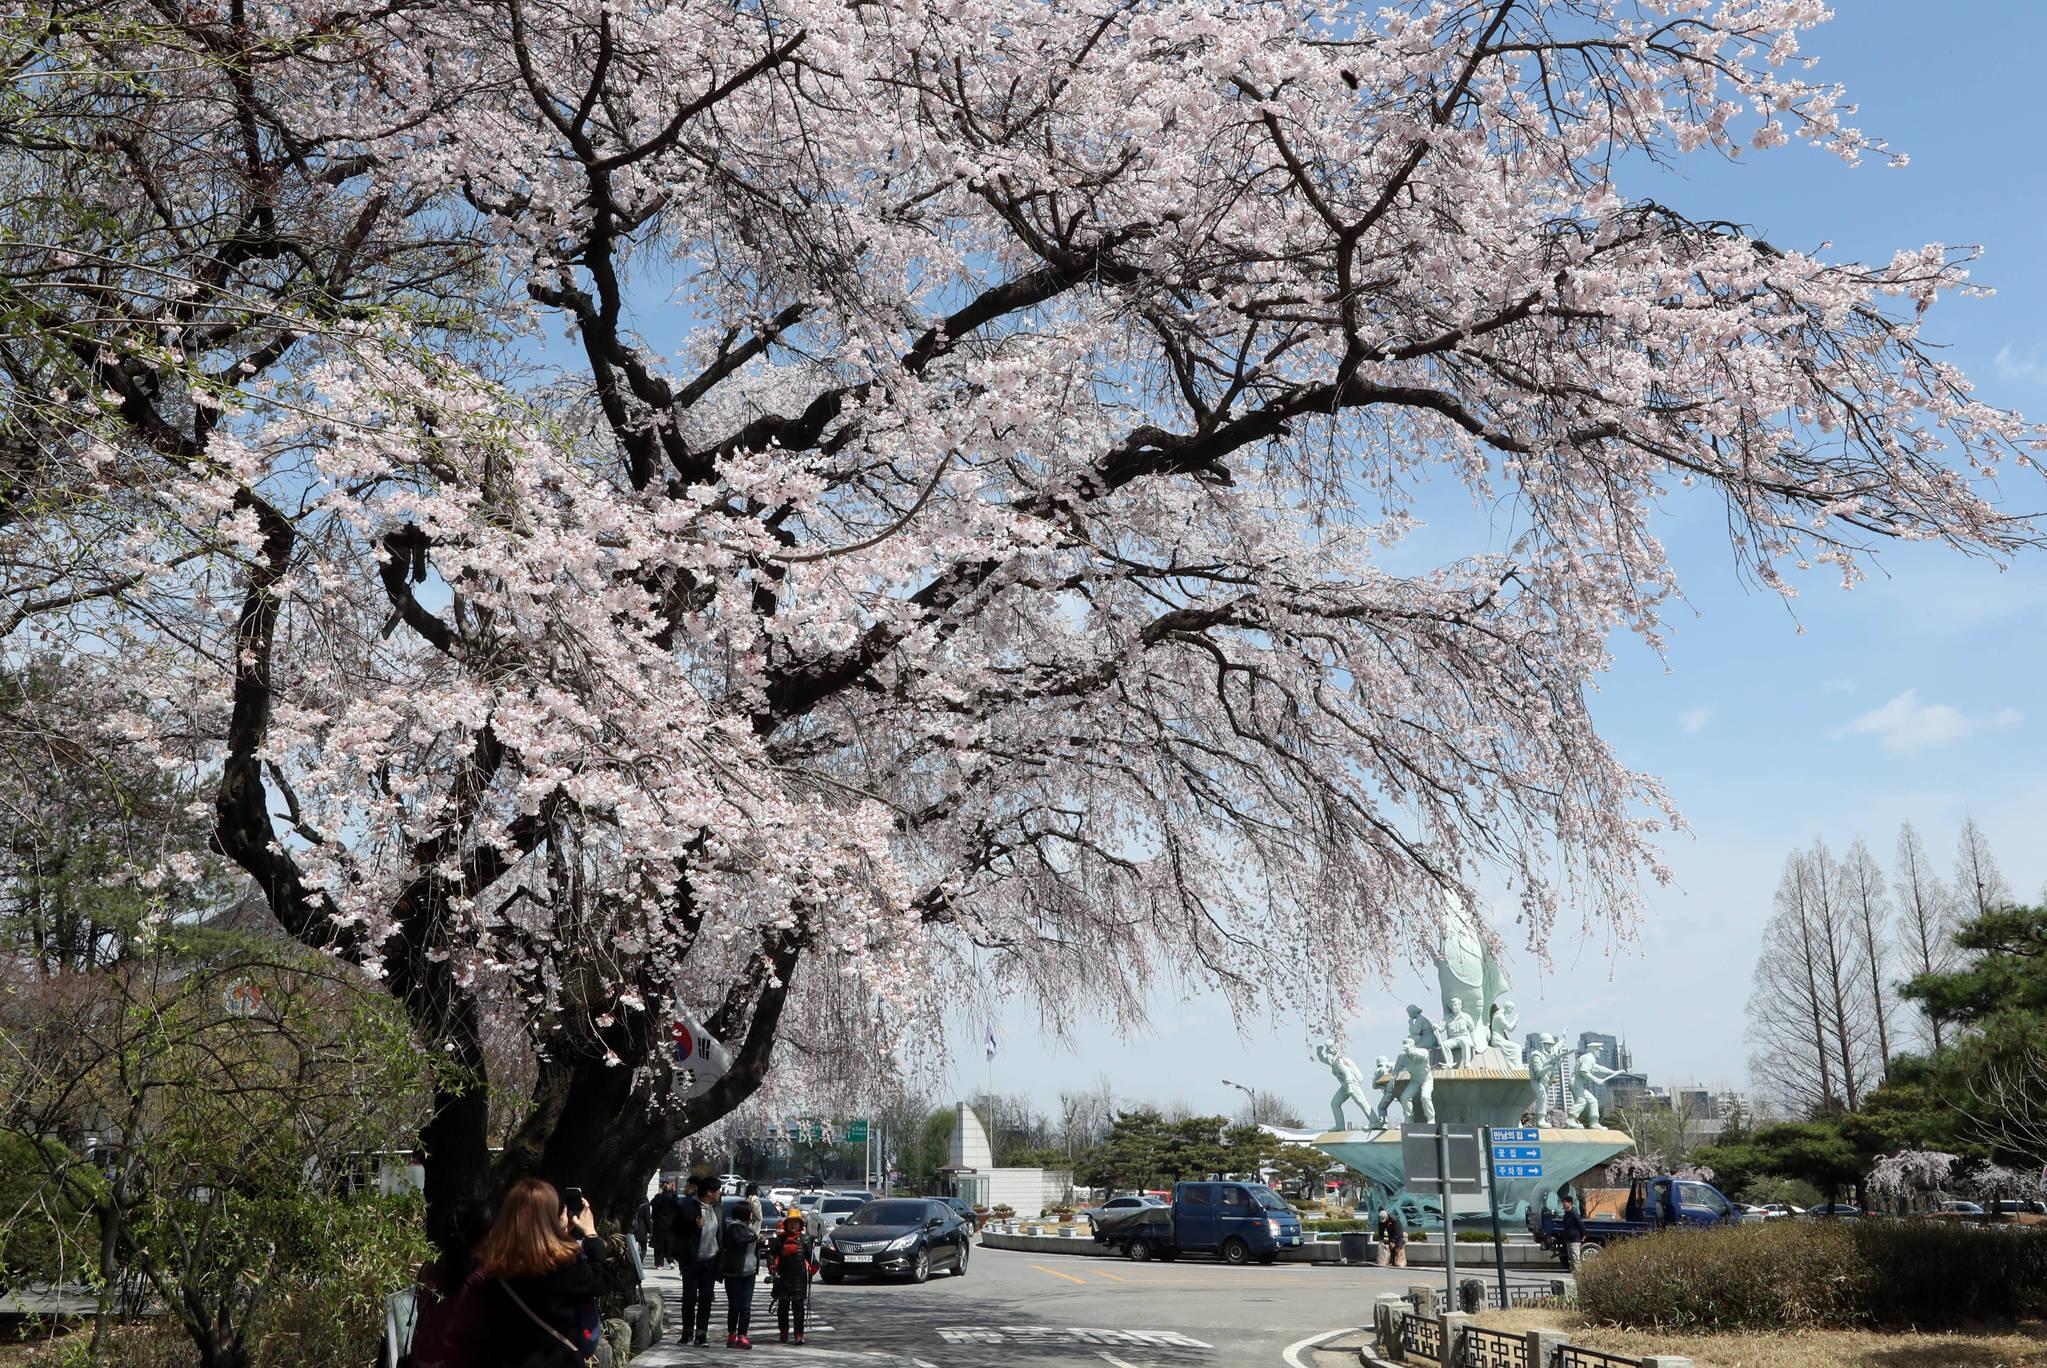 7일 현재 국립서울현충원 입구에서 현충탑에 이르는 길가의 수양벚꽃은 벚꽃의 극치를 보여준다. 강정현 기자